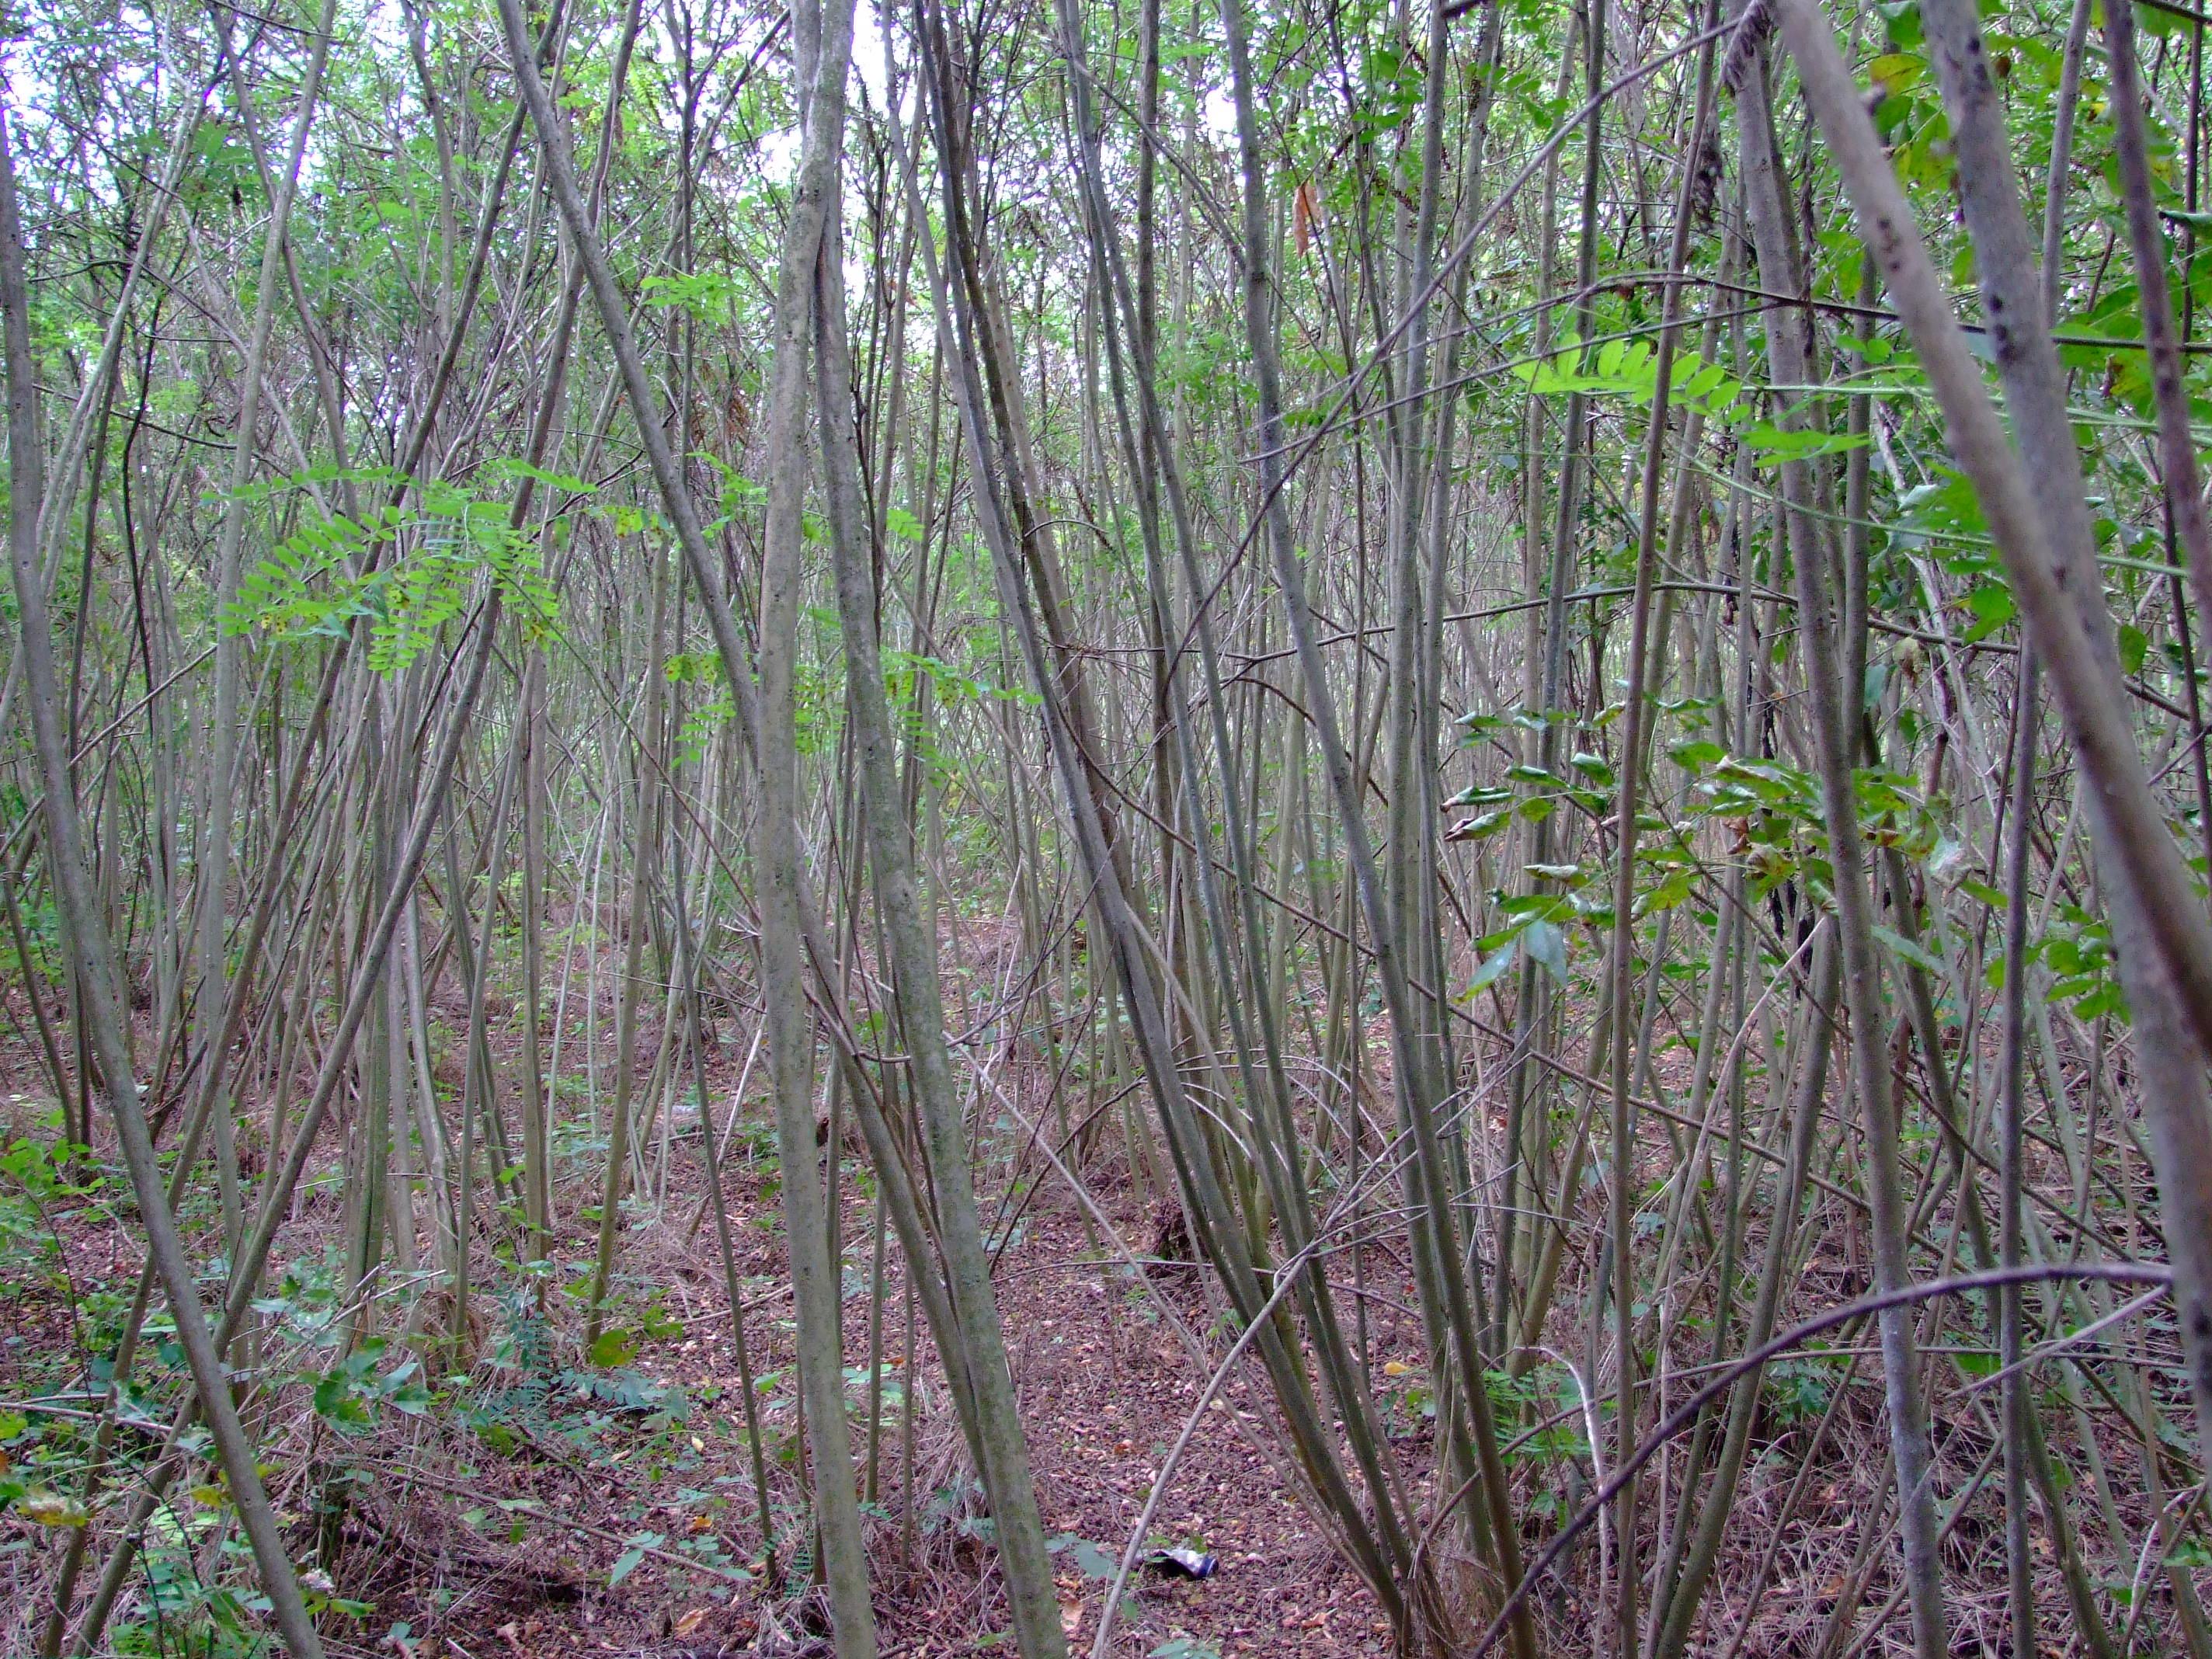 egyhangú gyalogakác dzsungel egy olyan helyen ahol 15 éve még fajgazdag réti gyeptársulás volt.